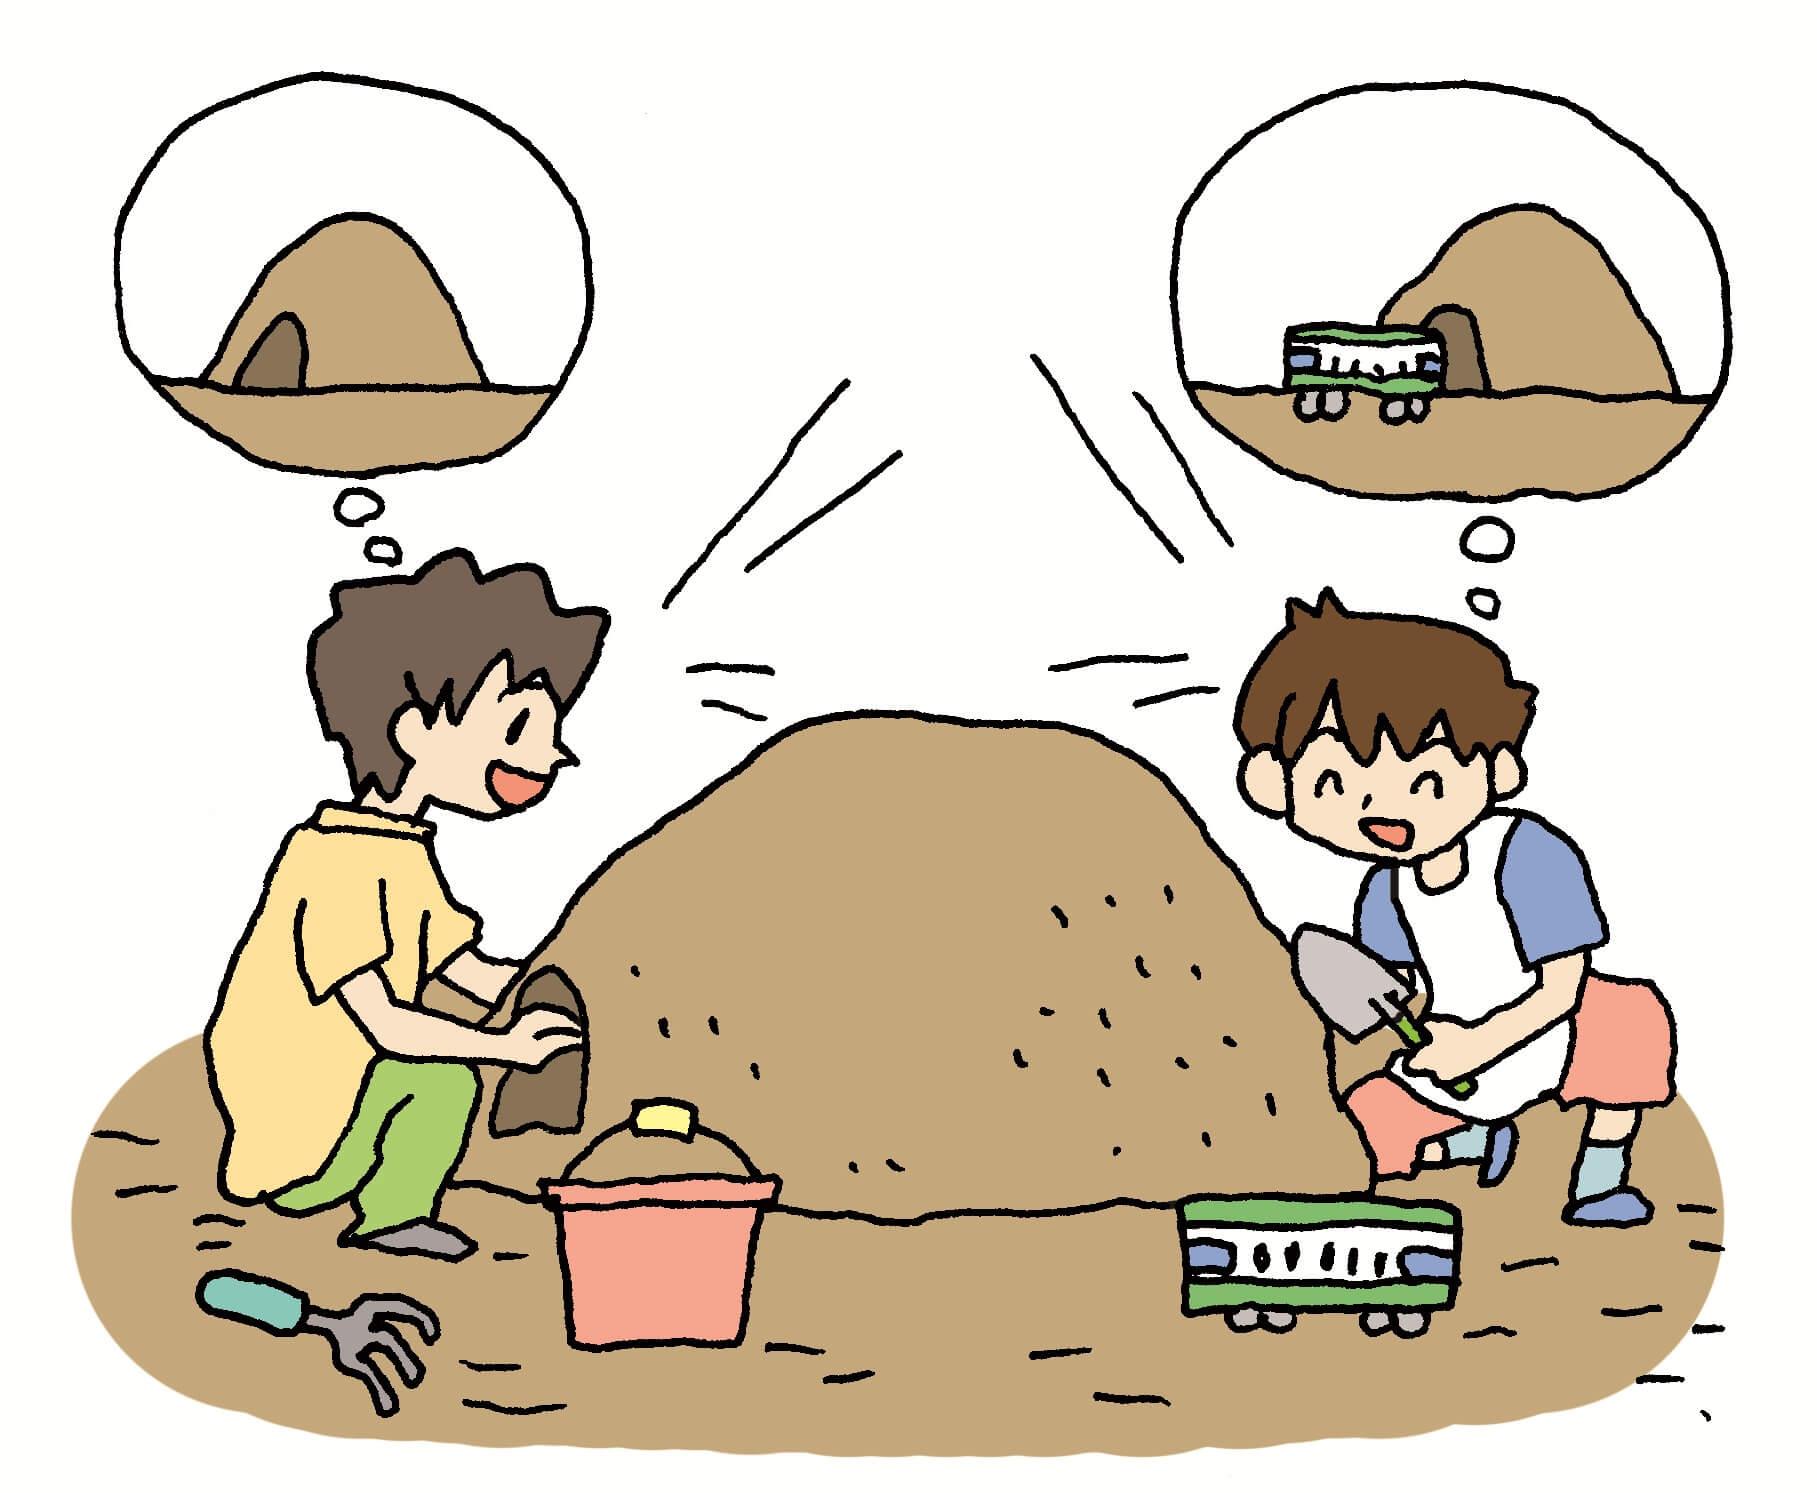 「お友達と、一緒につくる」のと、「一人で音楽を聴く」のと、どっちが好き?_003_01